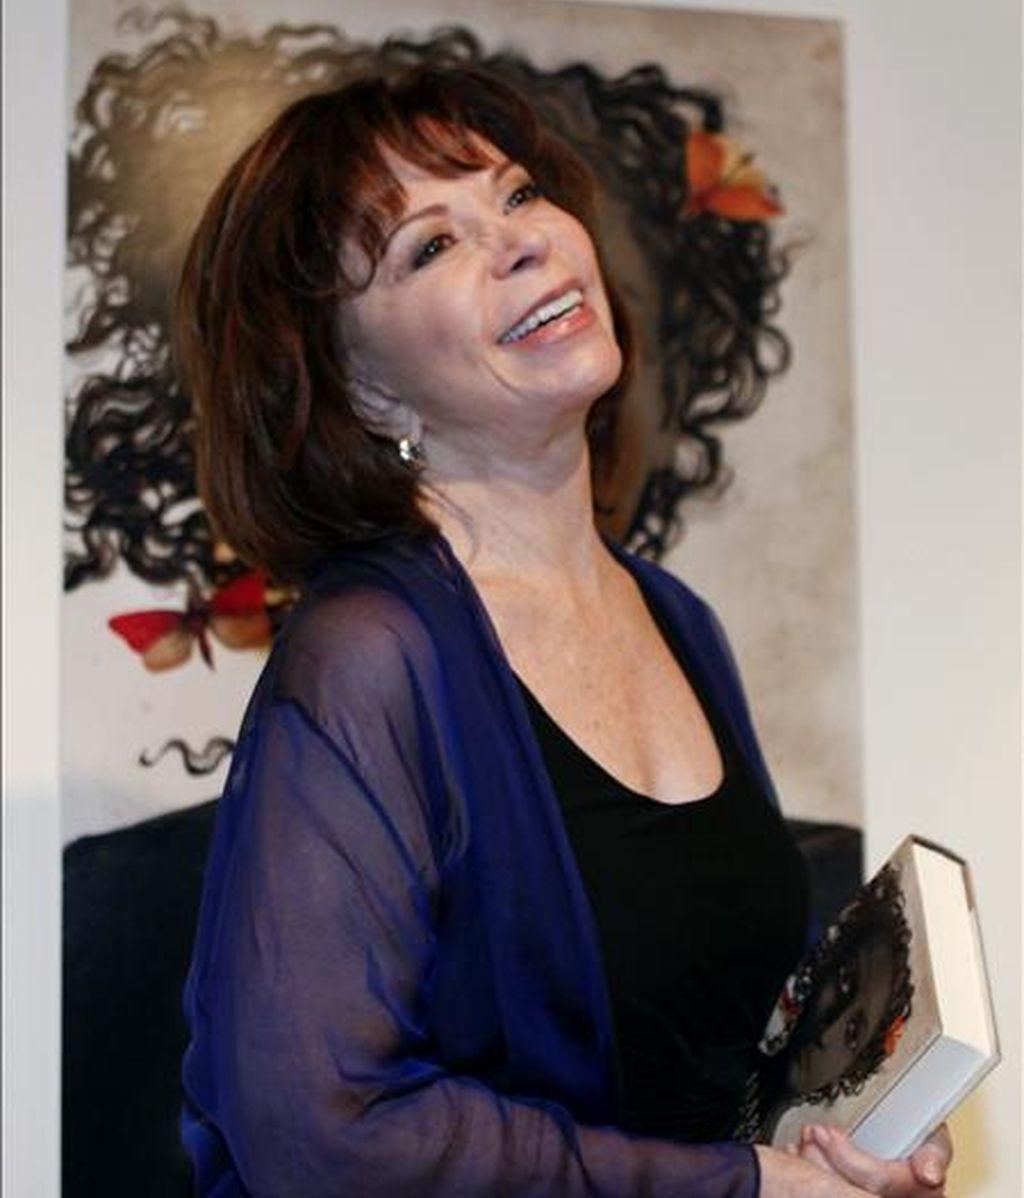 """Autora de """"La Casa de los Espíritus"""", su novela más famosa, Isabel Allende ha vendido más de 56 millones de libros en todo el mundo y es considerada uno de los máximos exponentes de la literatura latinoamericana contemporánea. EFE/Archivo"""